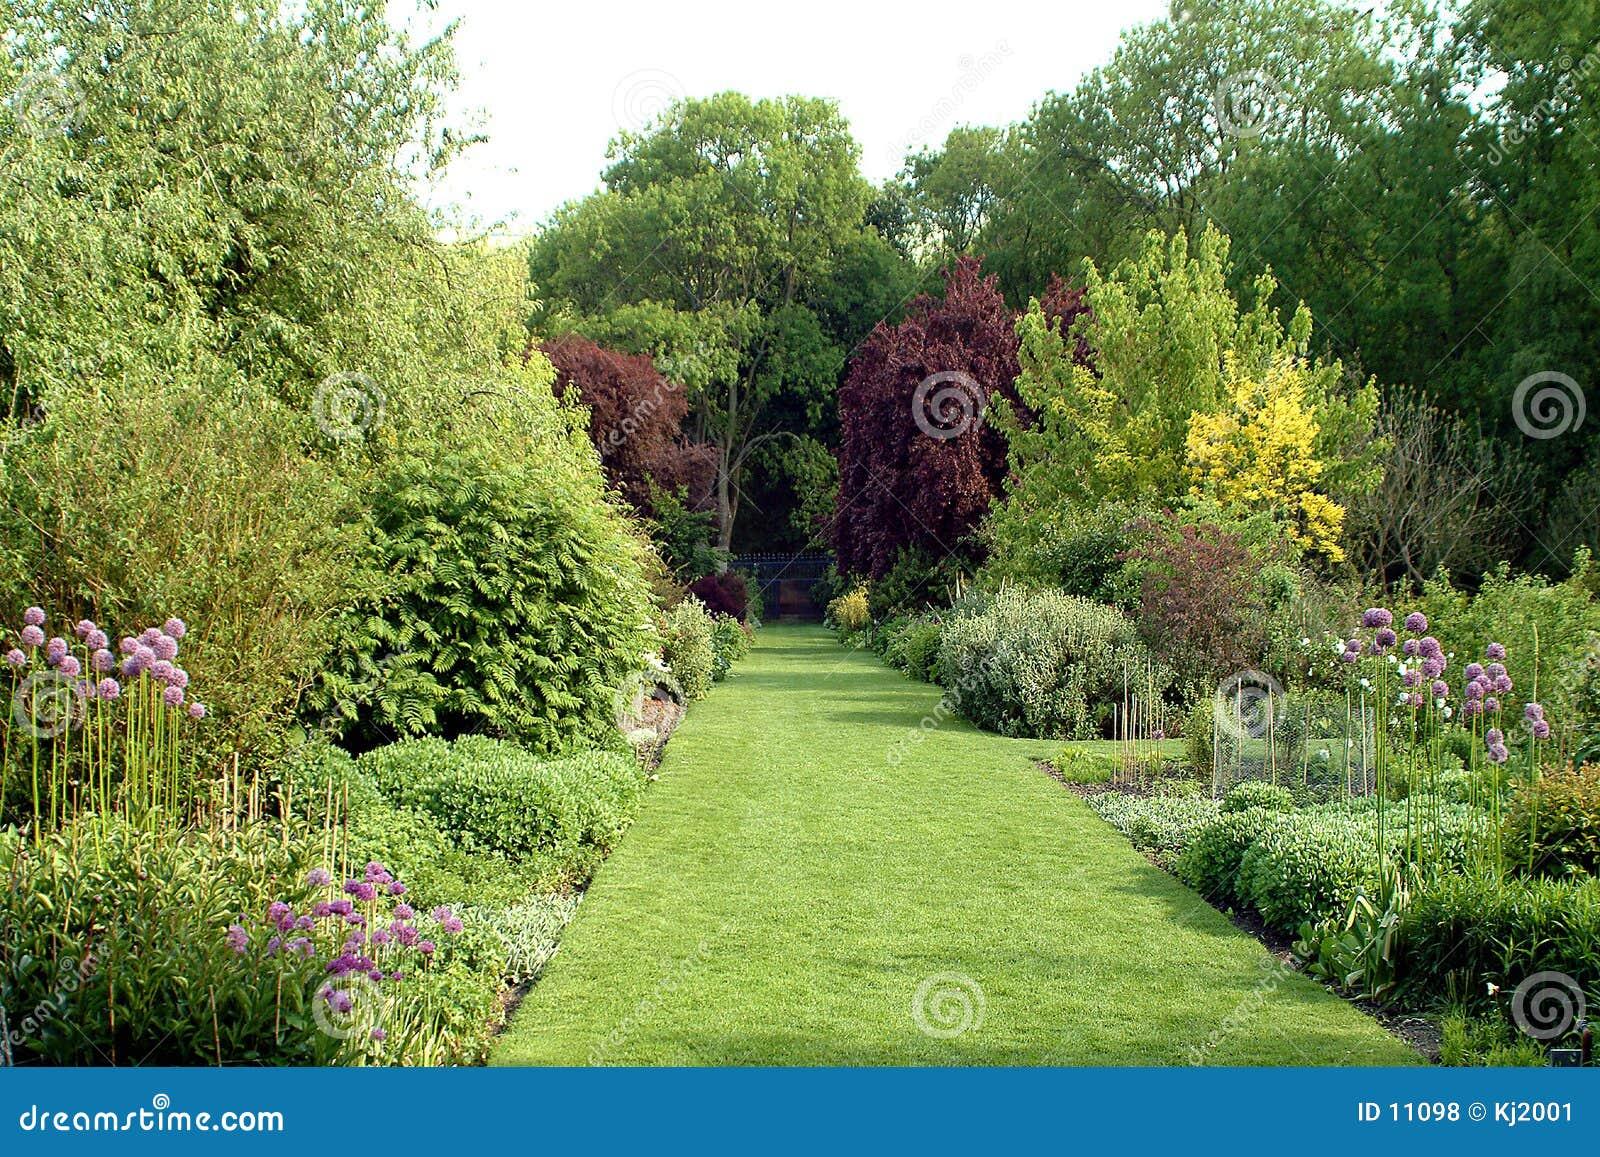 jardin anglais de pays photo stock image du centrales comt 11098. Black Bedroom Furniture Sets. Home Design Ideas